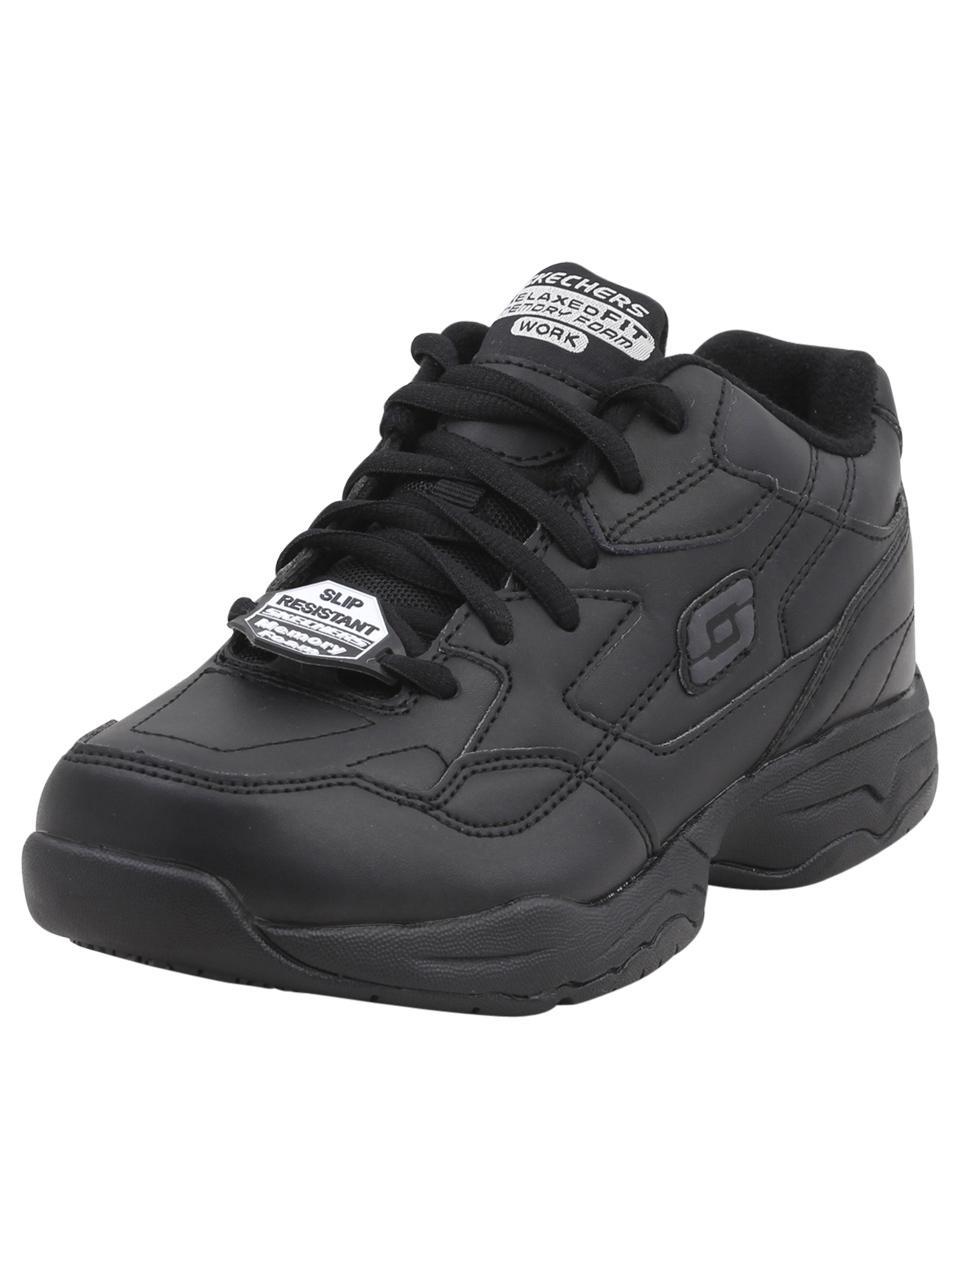 3e2769cc07c5 Skechers Work Women s Felton Albie Memory Foam Slip Resistant Sneakers  Shoes by Skechers. Touch to zoom